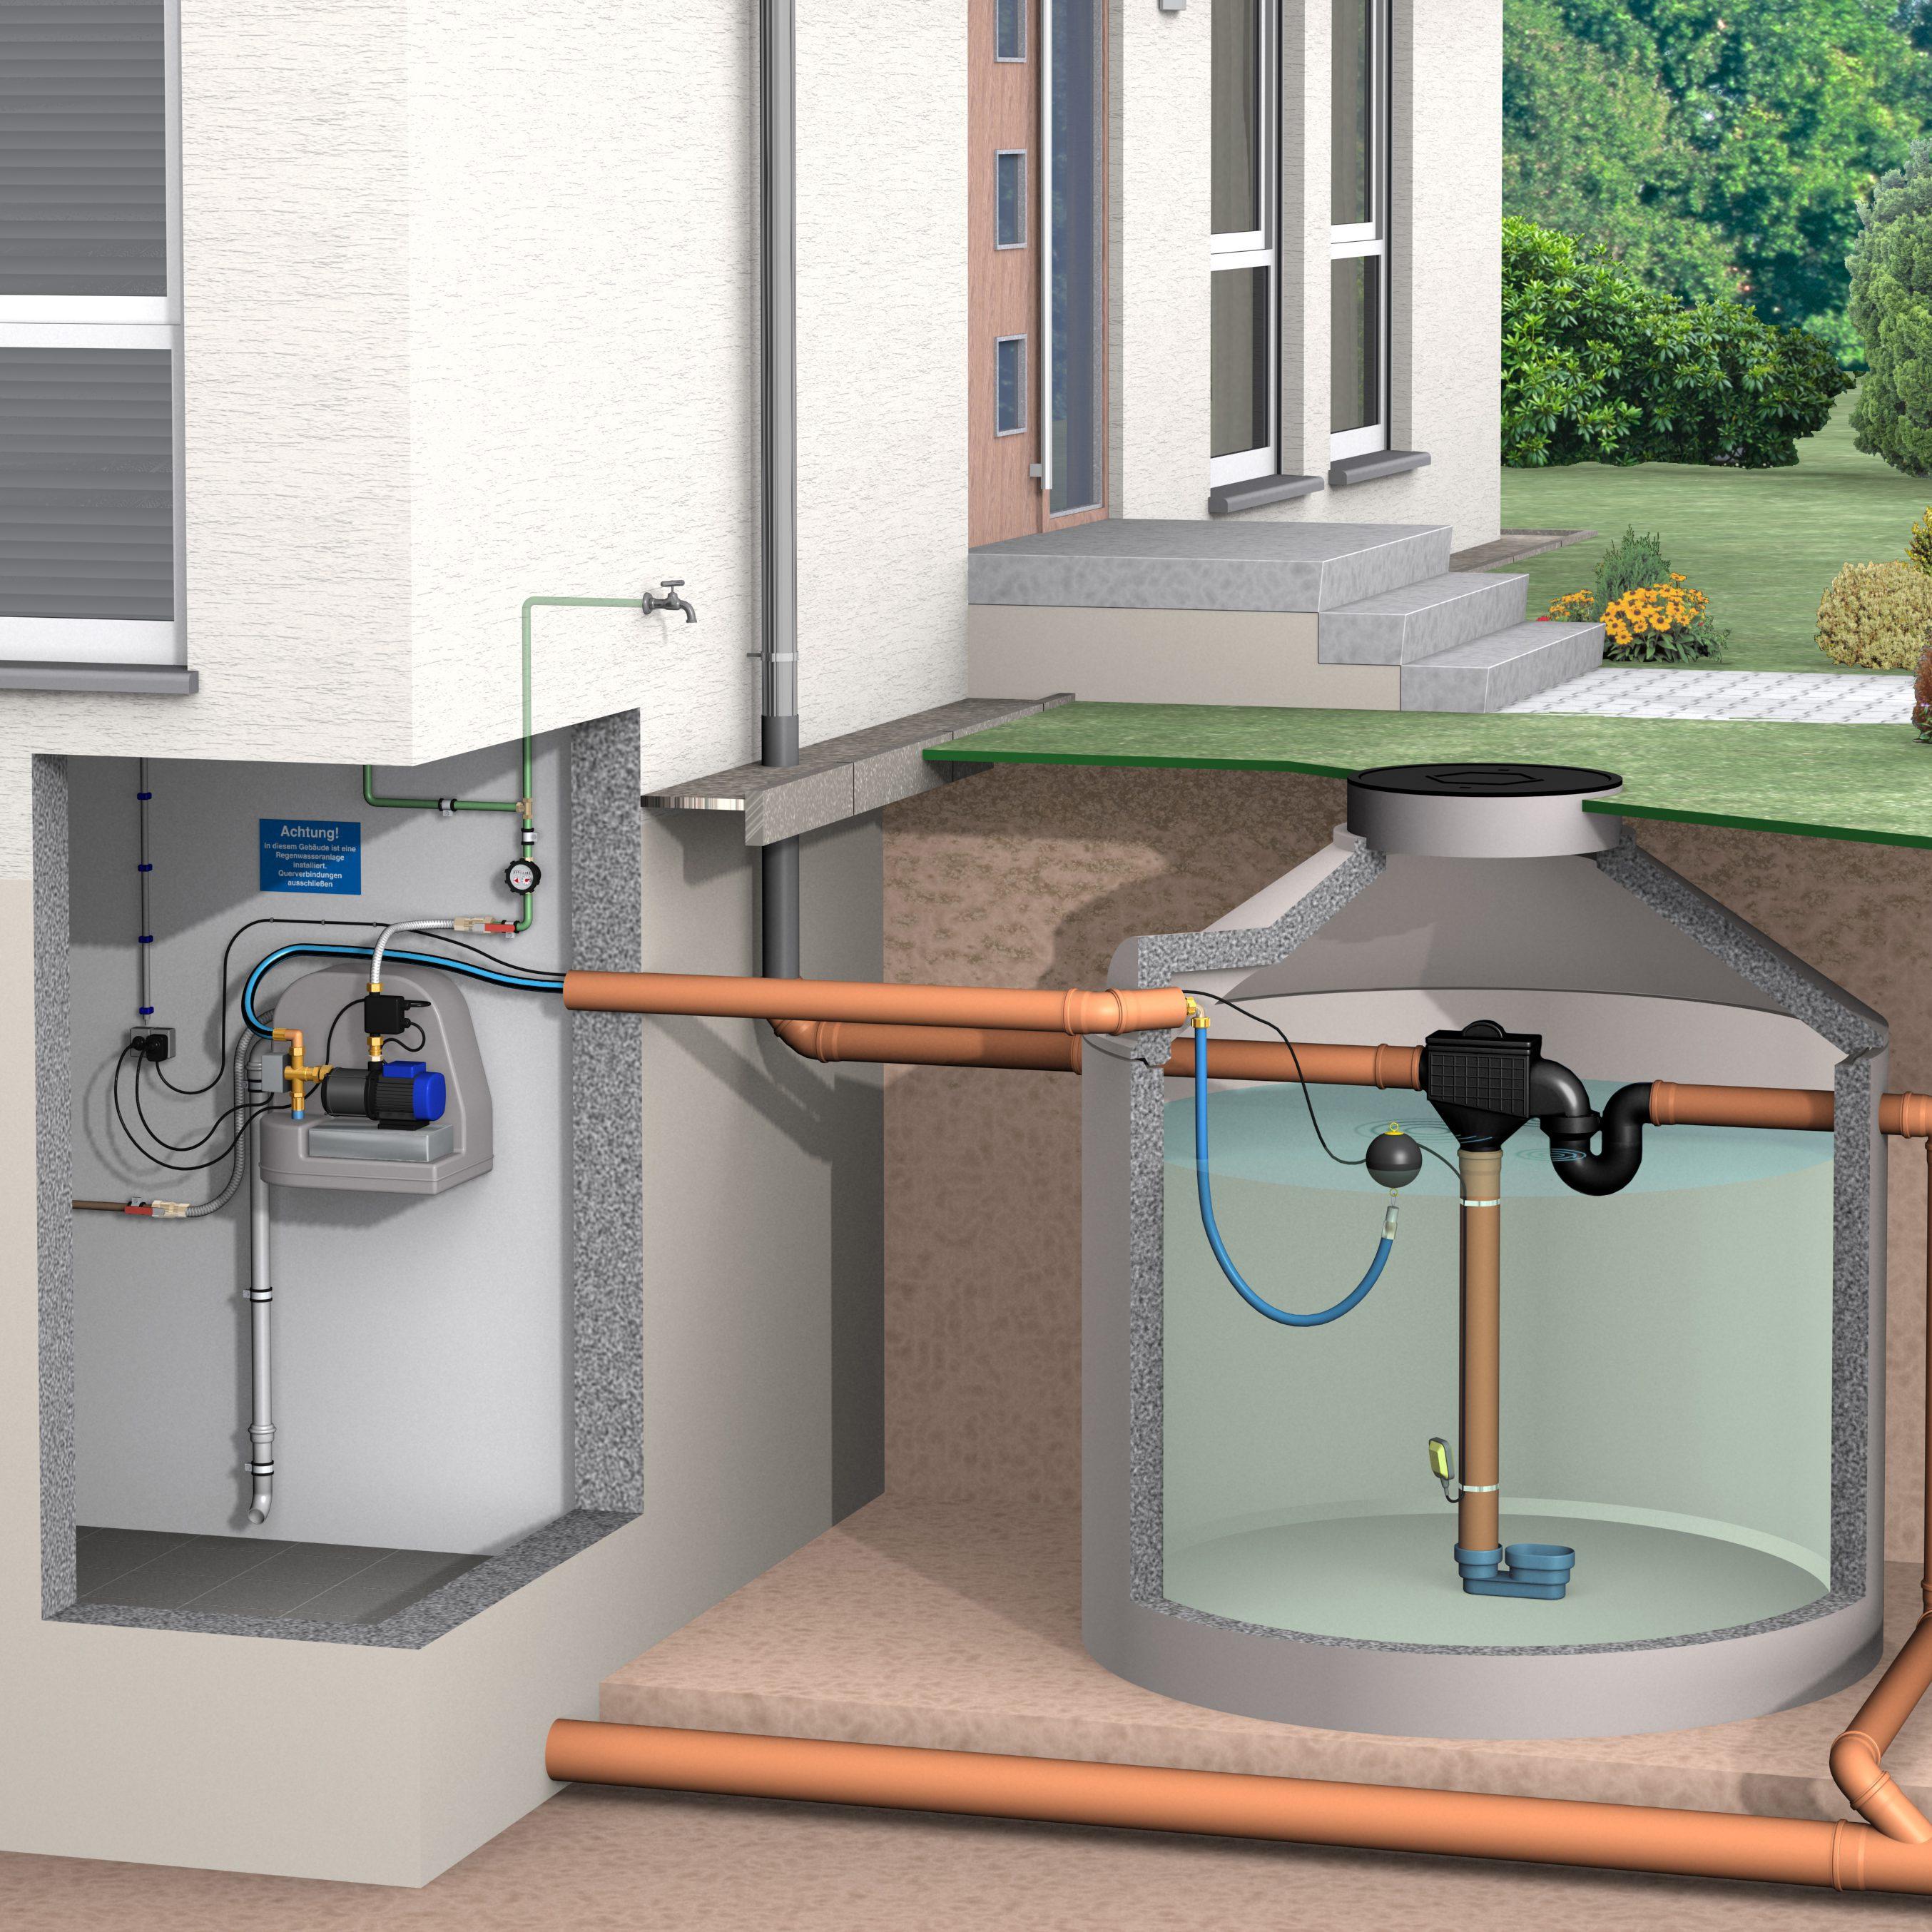 ratgeber betonzisterne f r sauberes regenwasser. Black Bedroom Furniture Sets. Home Design Ideas